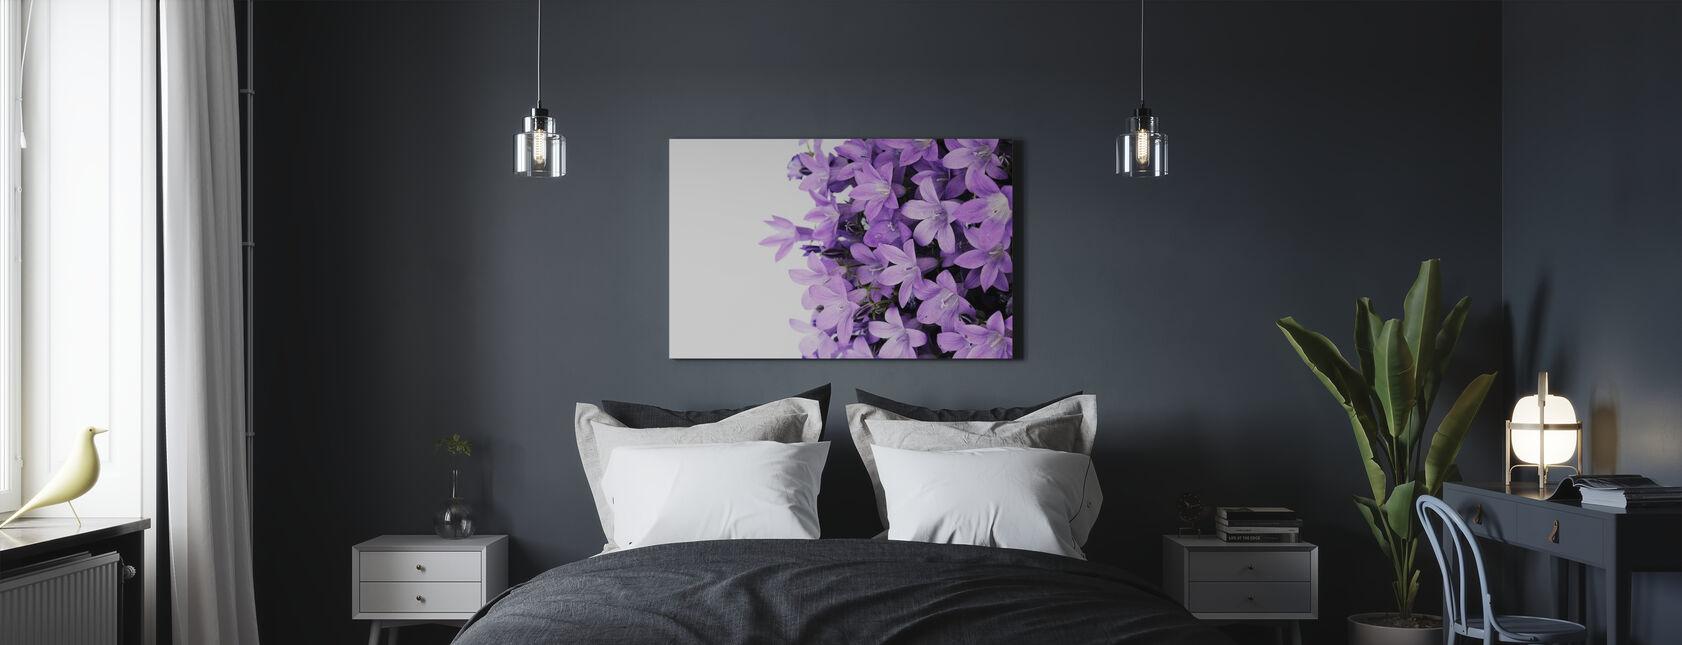 Fleurs violettes - Impression sur toile - Chambre